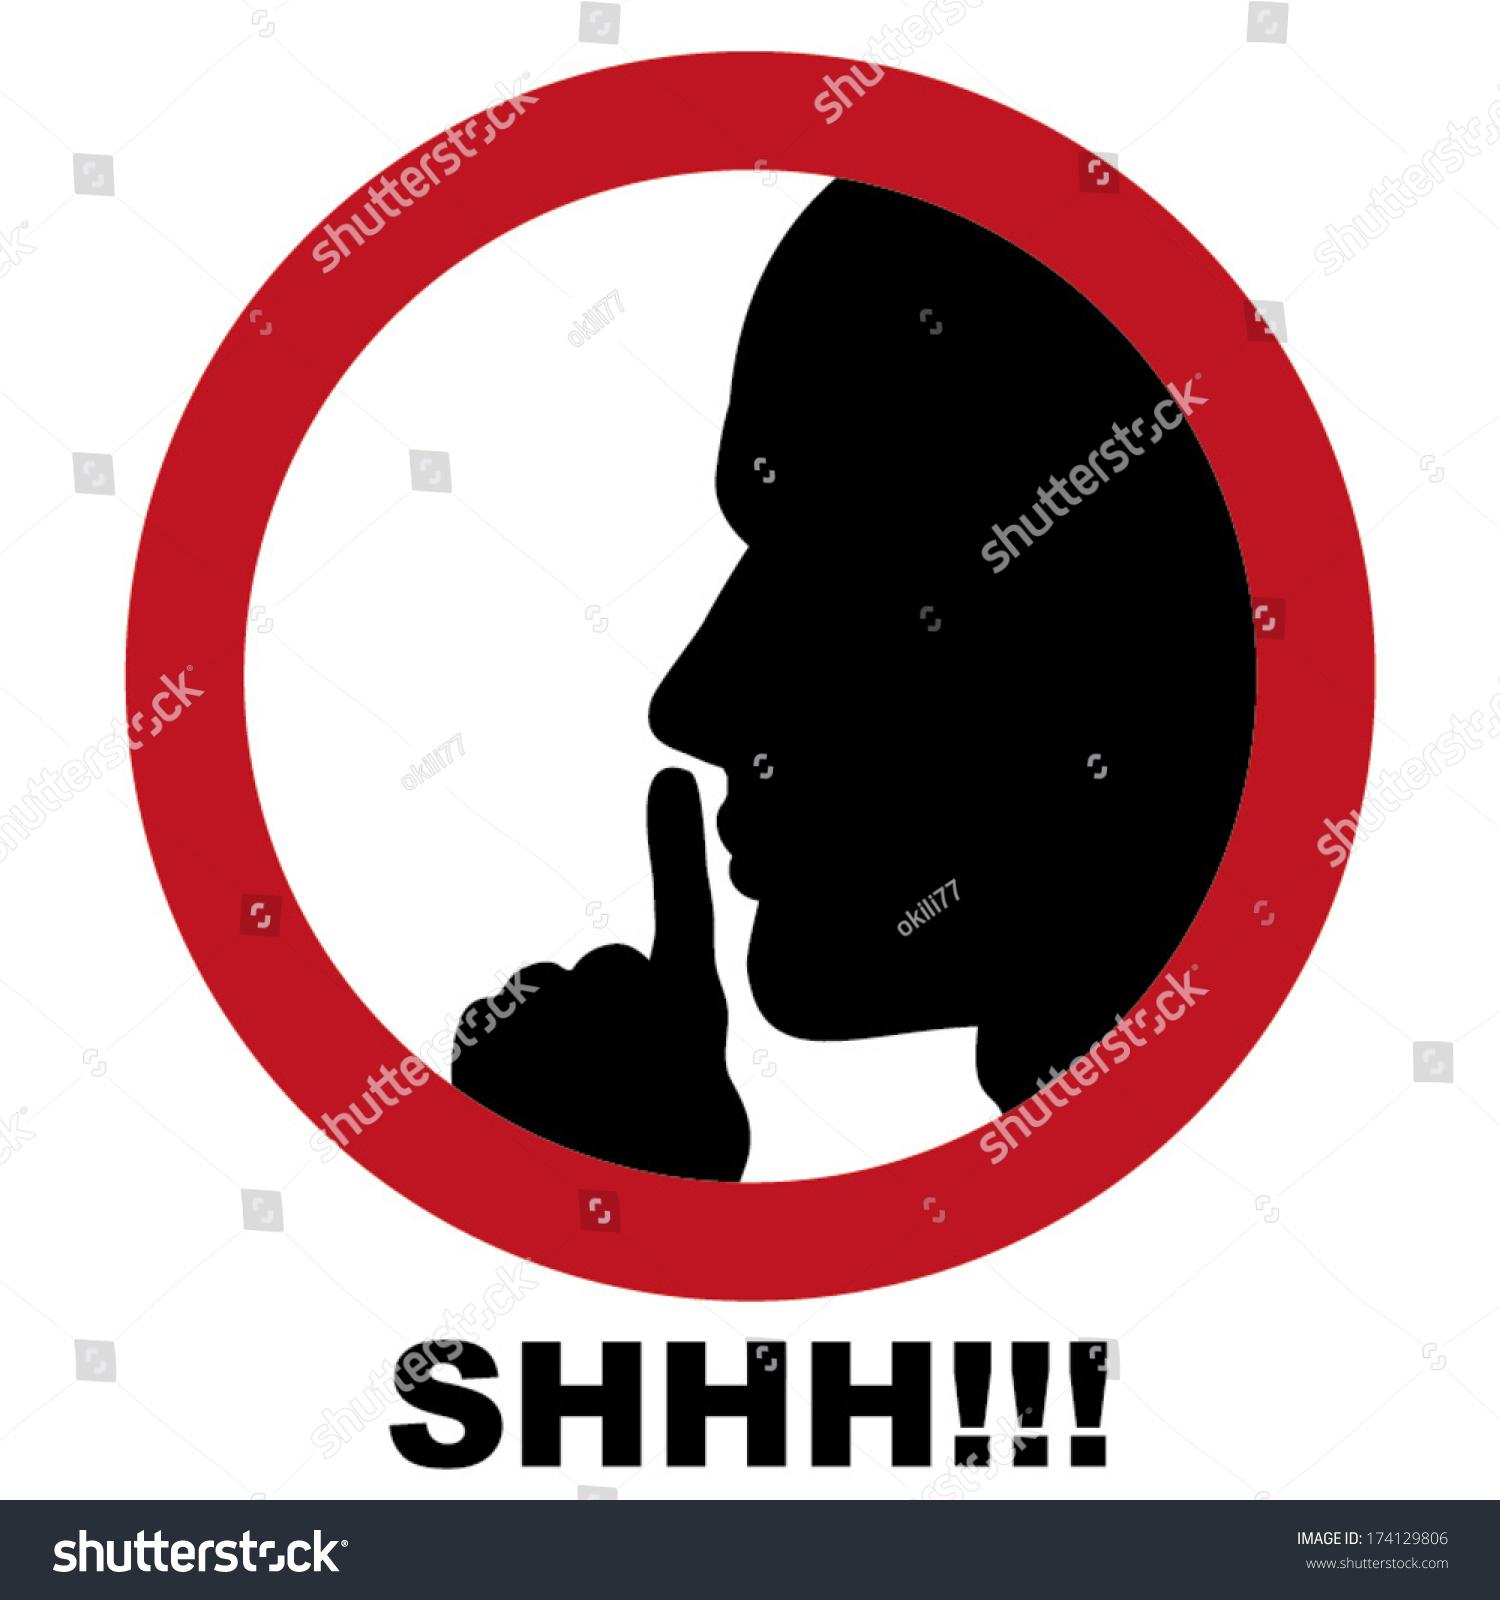 Shhh Sign Vector Stock Vector ...